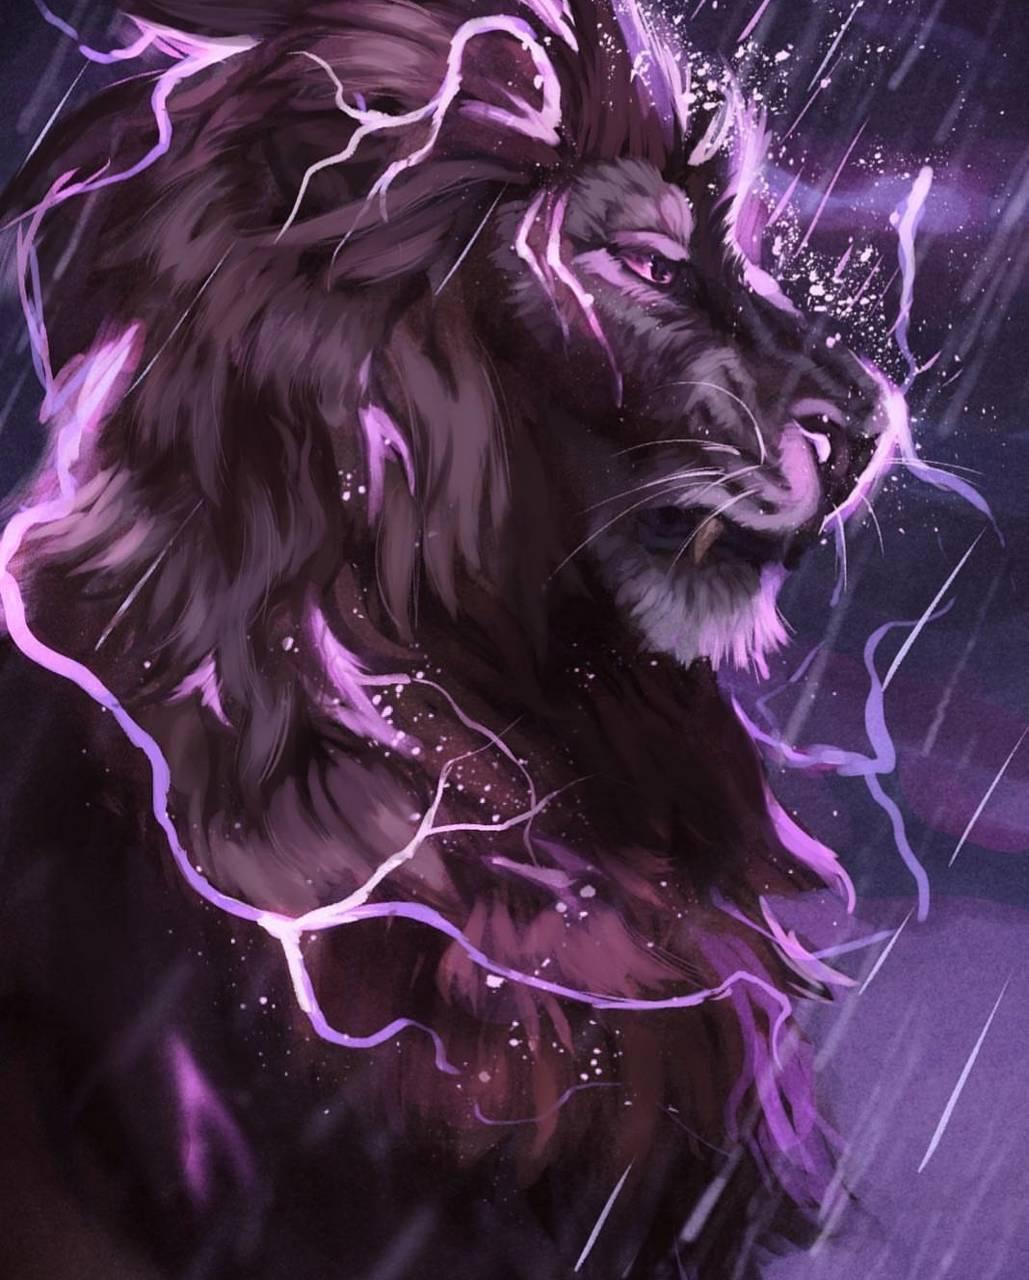 Lightning Lion Wallpaper By Skitter122 90 Free On Zedge